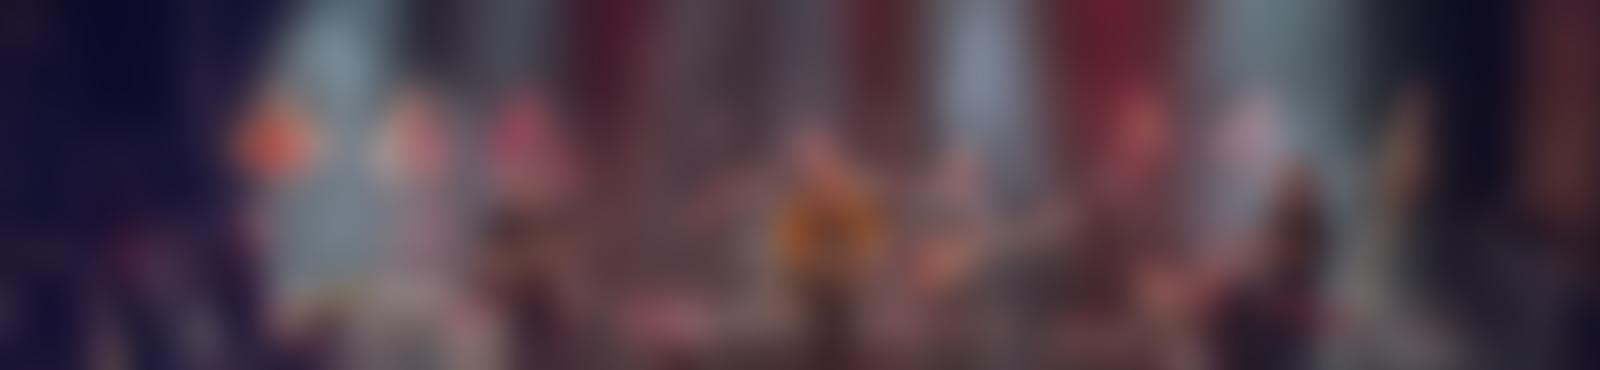 Blurred 5096205e fc51 4615 8454 b7b5ae8418b2